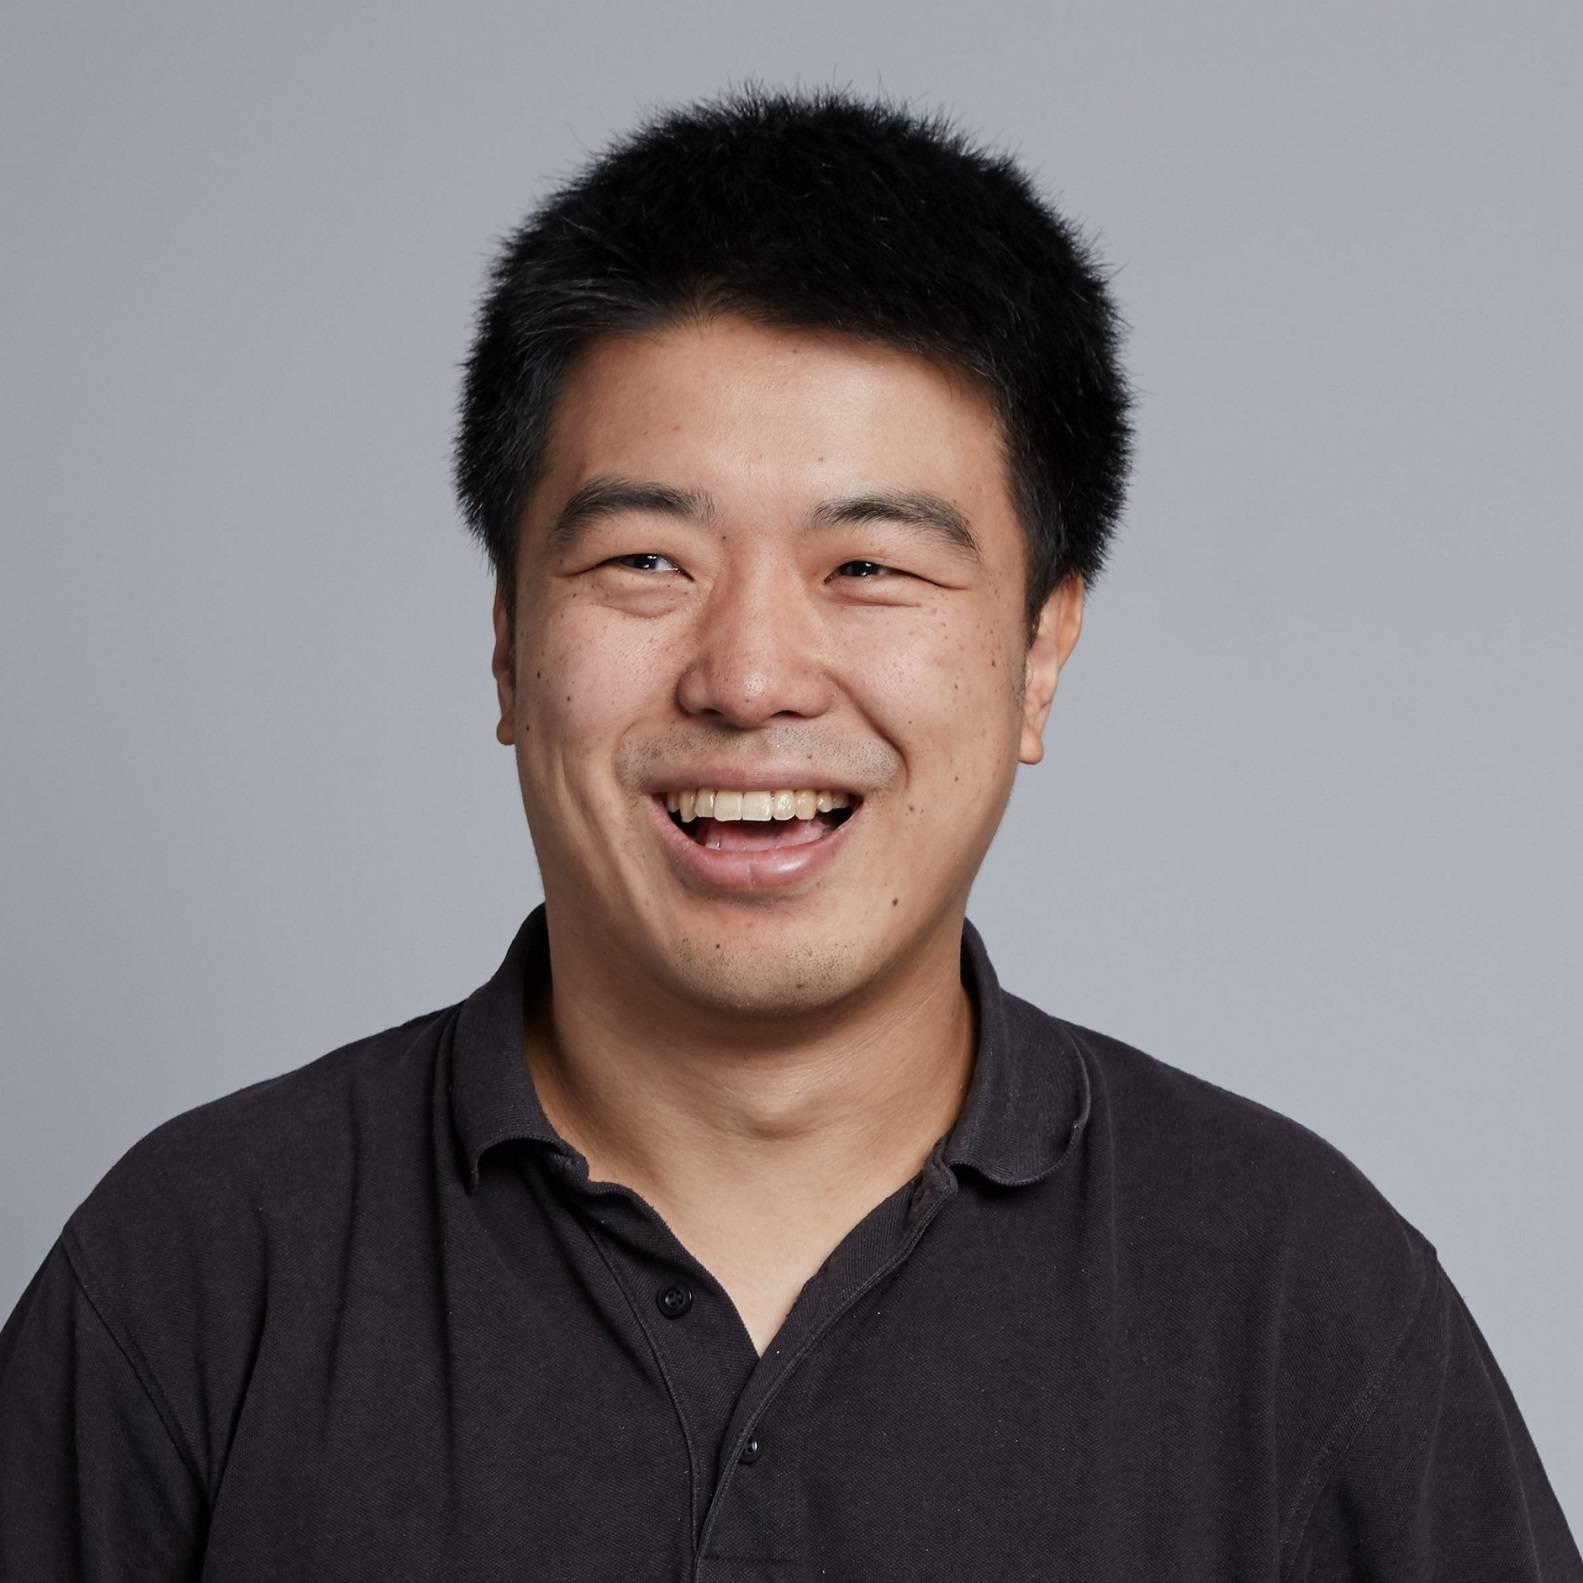 百度风投 CEO 刘维